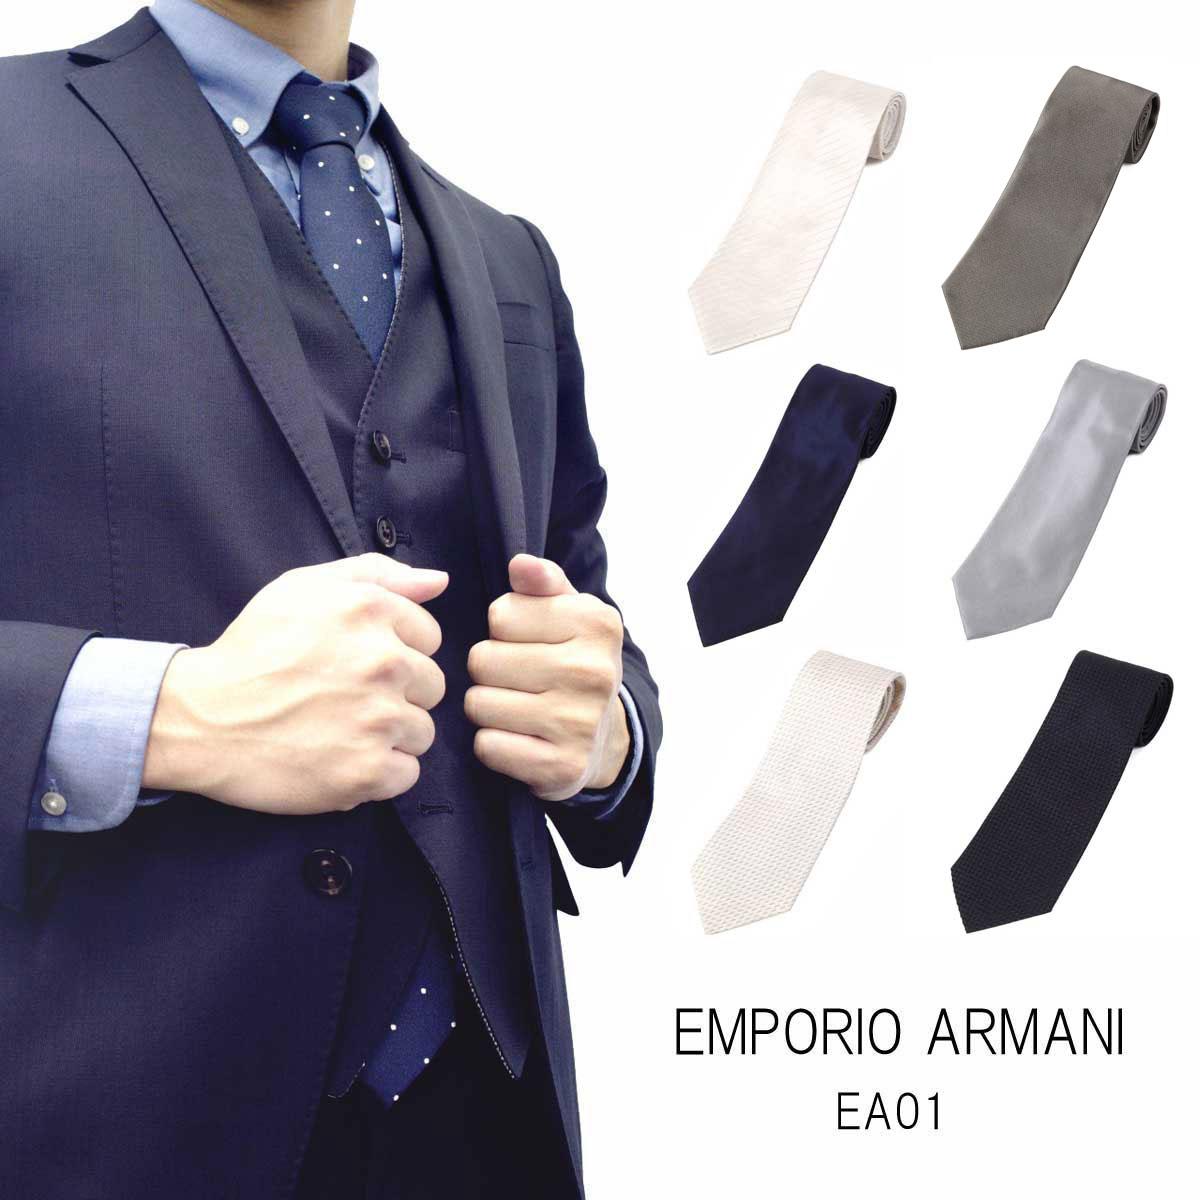 【セール中】【送料無料】【新品】EMPORIO ARMANI エンポリオ アルマーニ ネクタイ メンズ ビジネス カジュアル プレゼント EA01